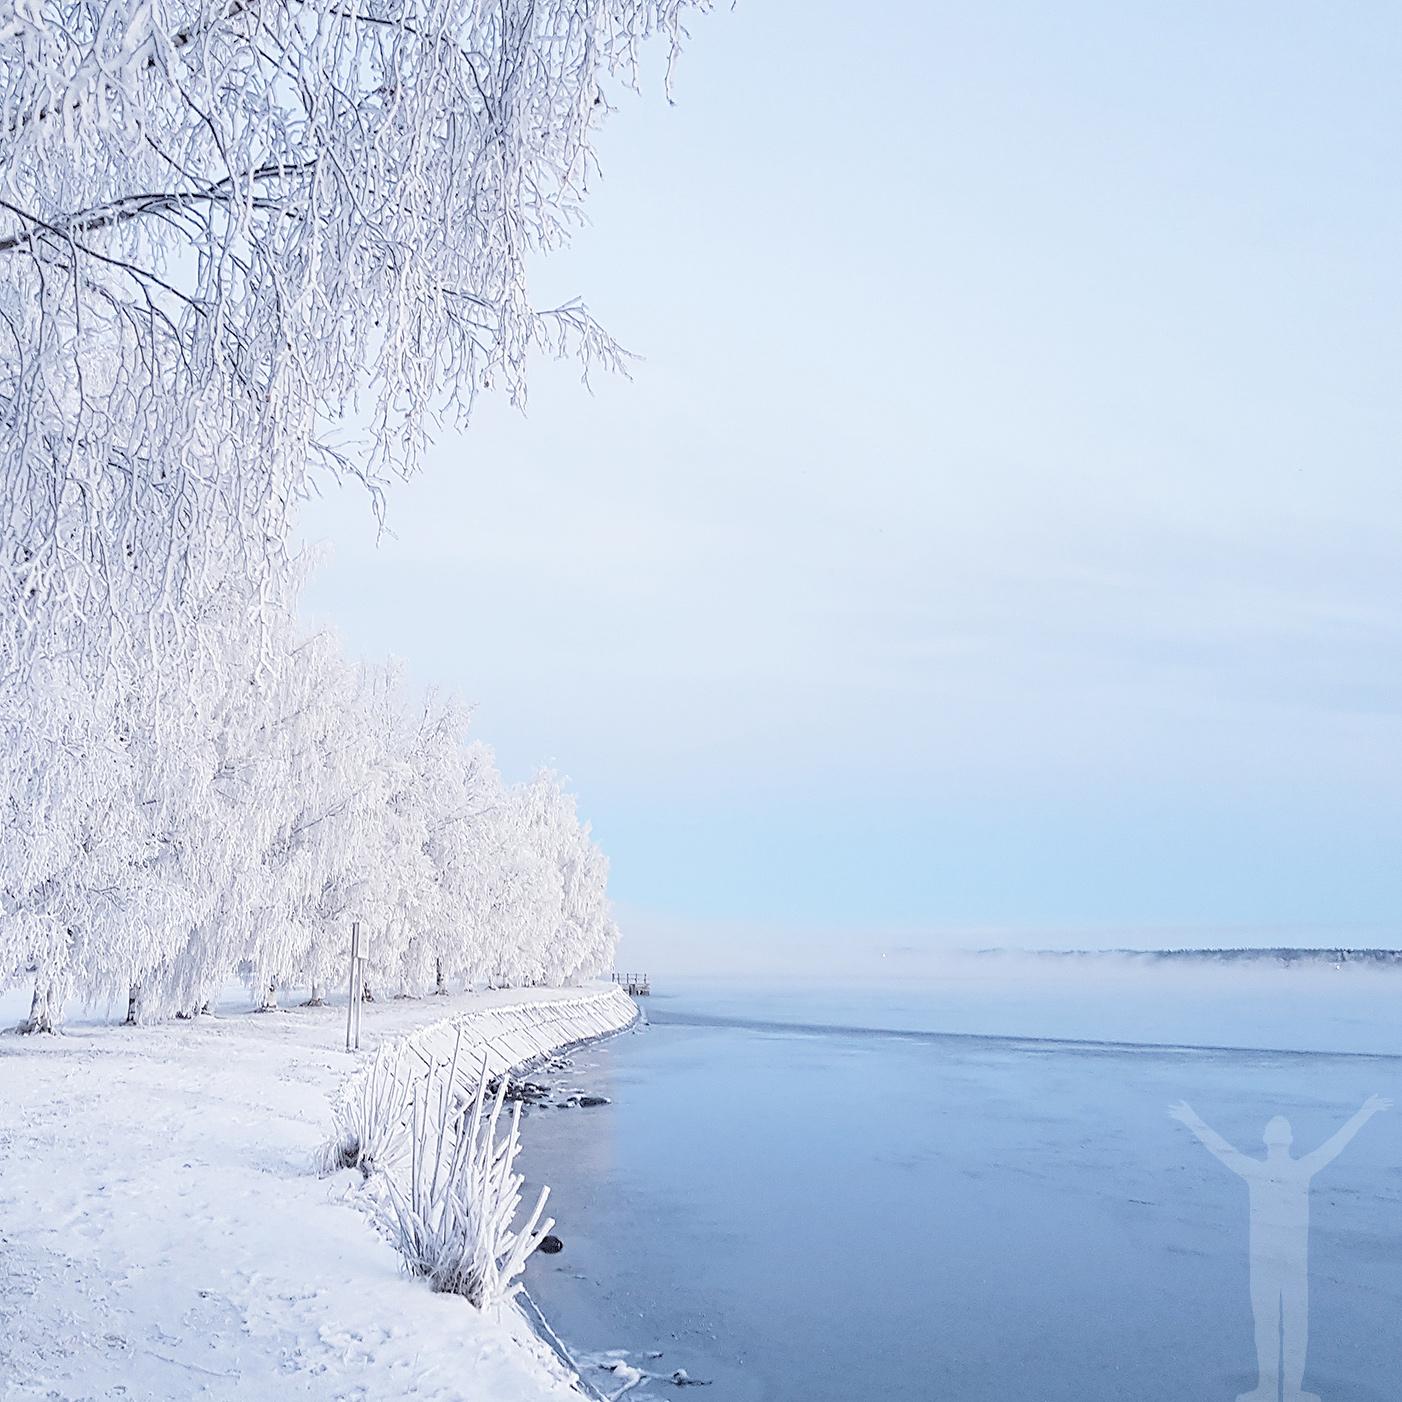 Jämtländsk vinterskrud i november